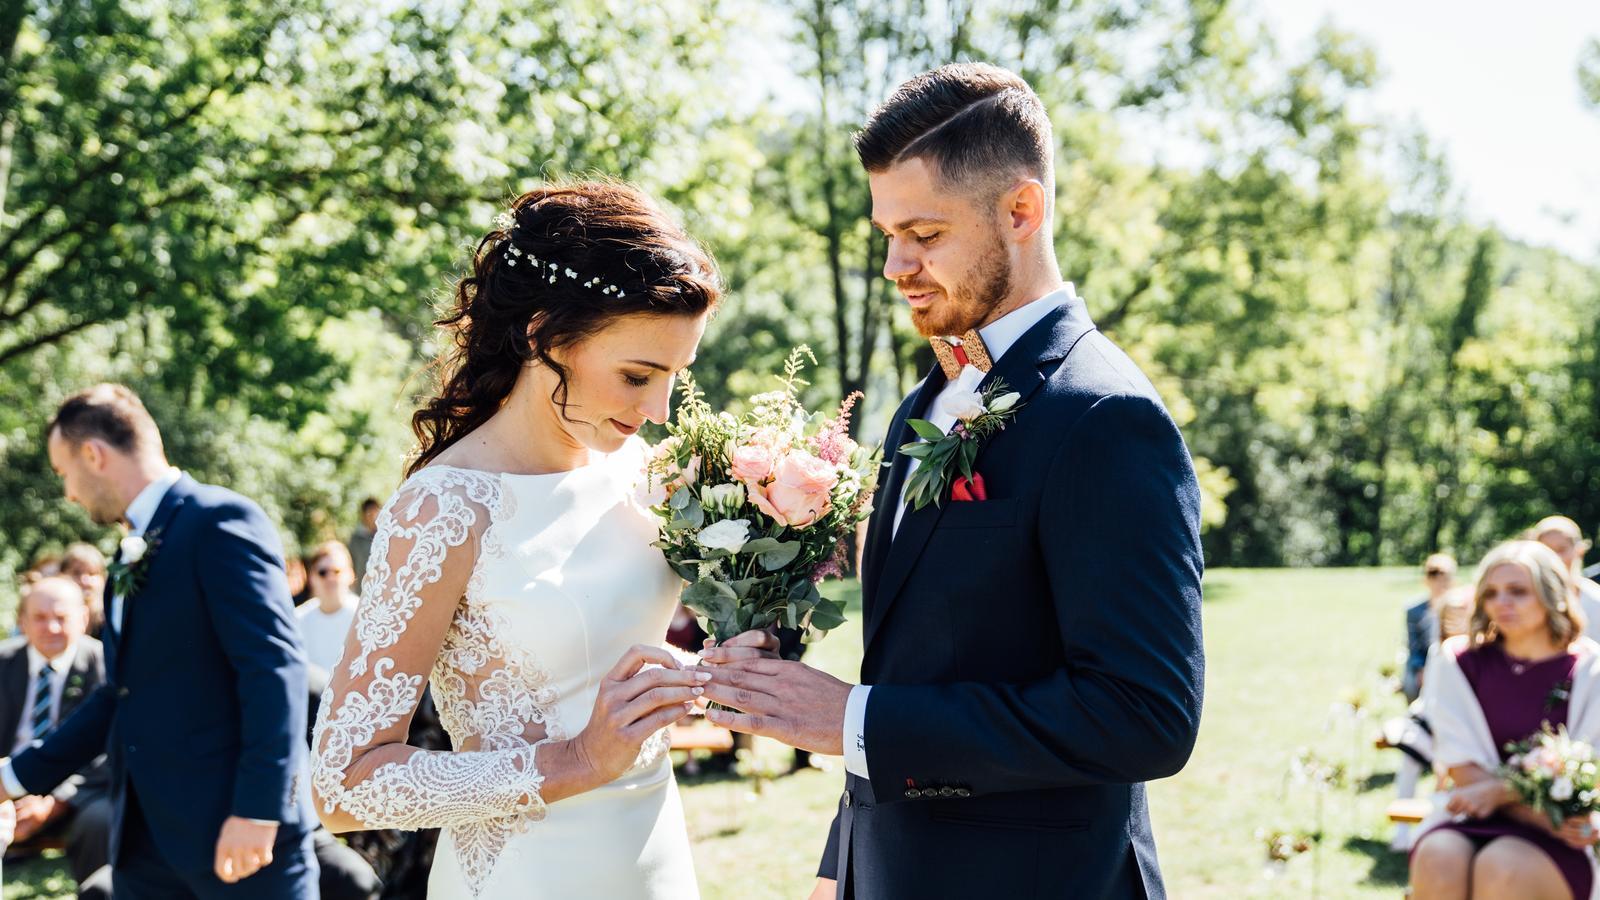 Kateřina & Tomáš (Podzimní svatba 2019) - Obrázek č. 14